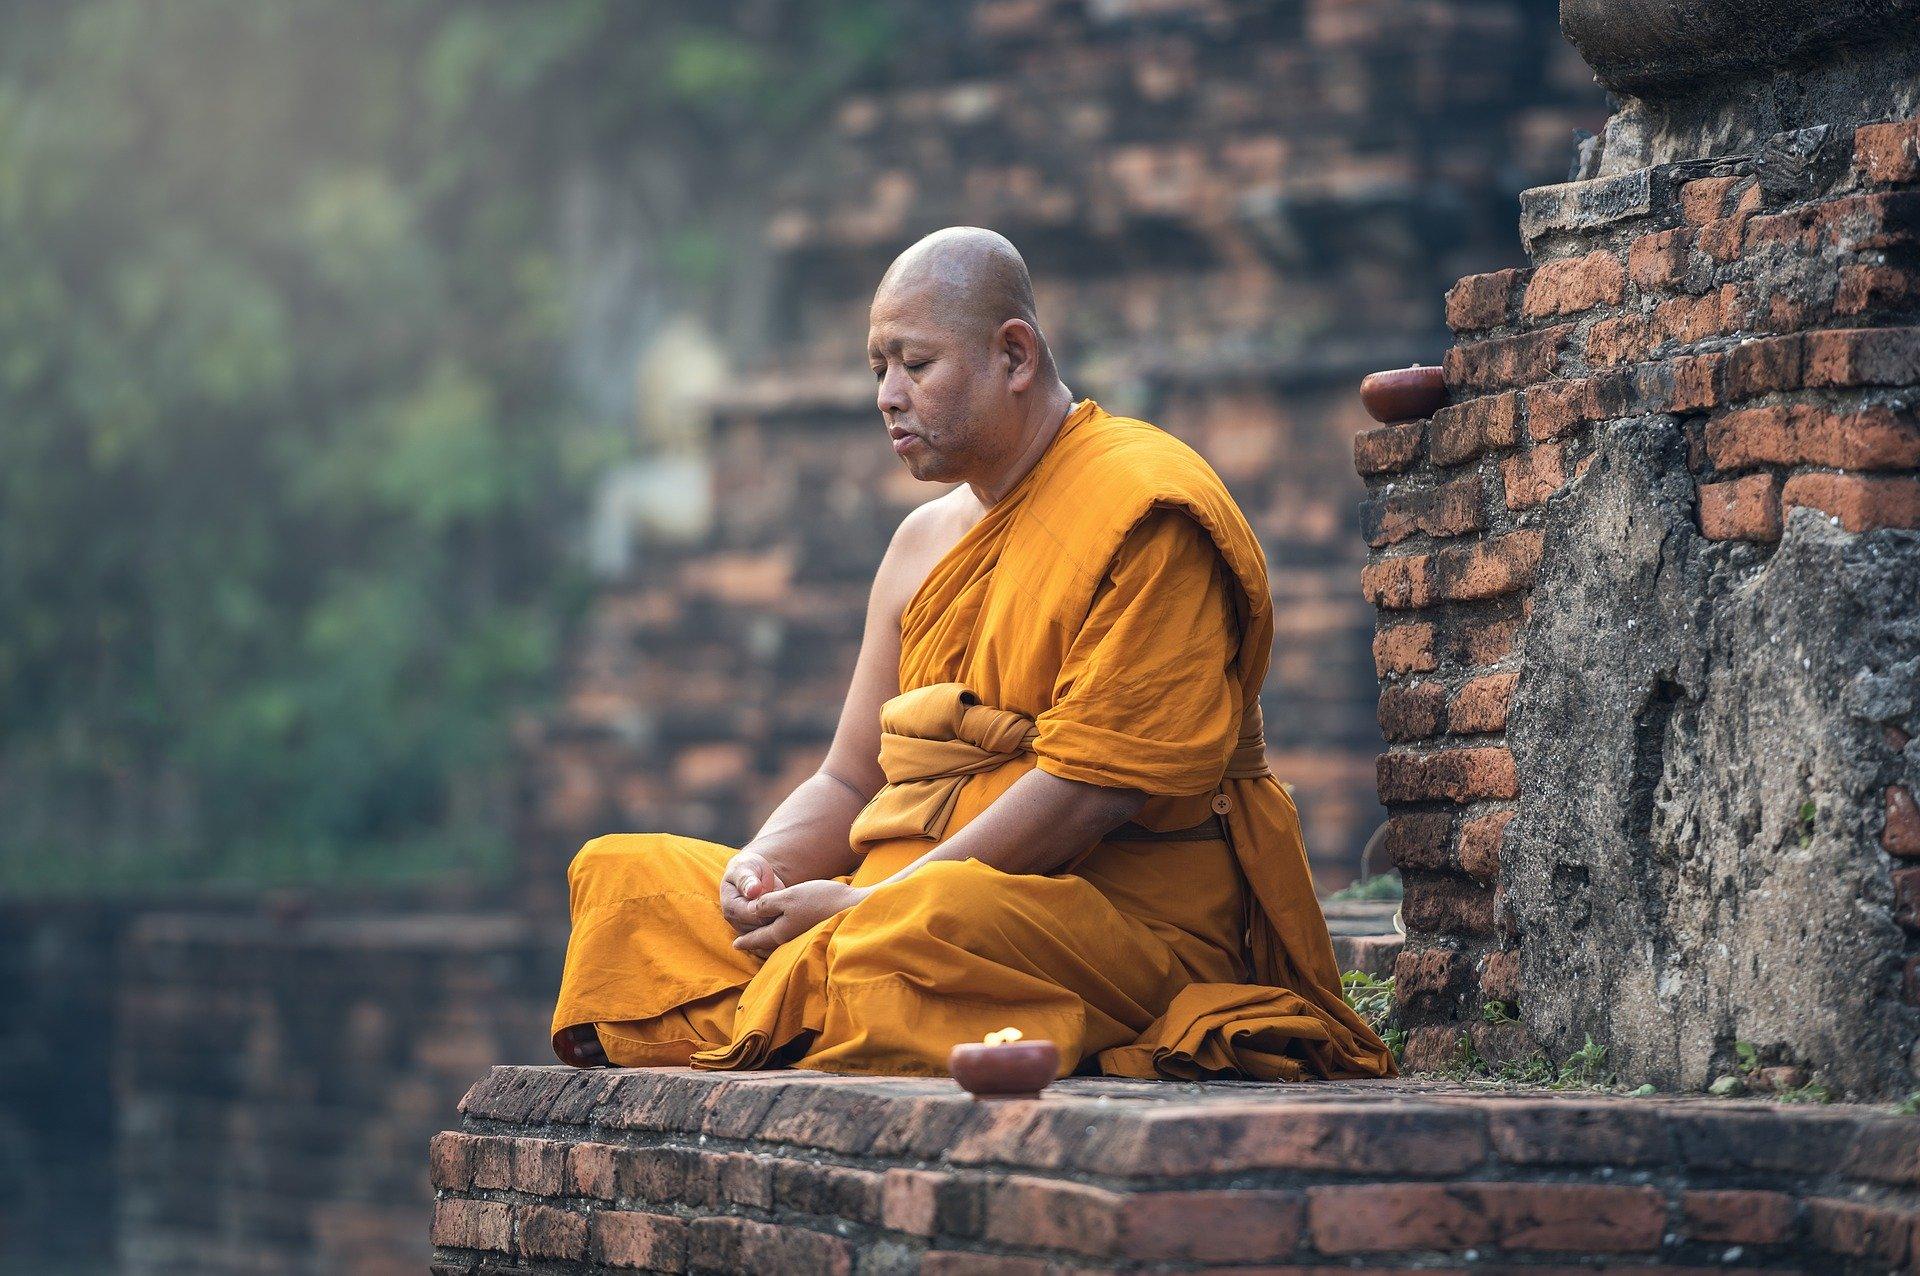 Čestný človek v podaní mnícha